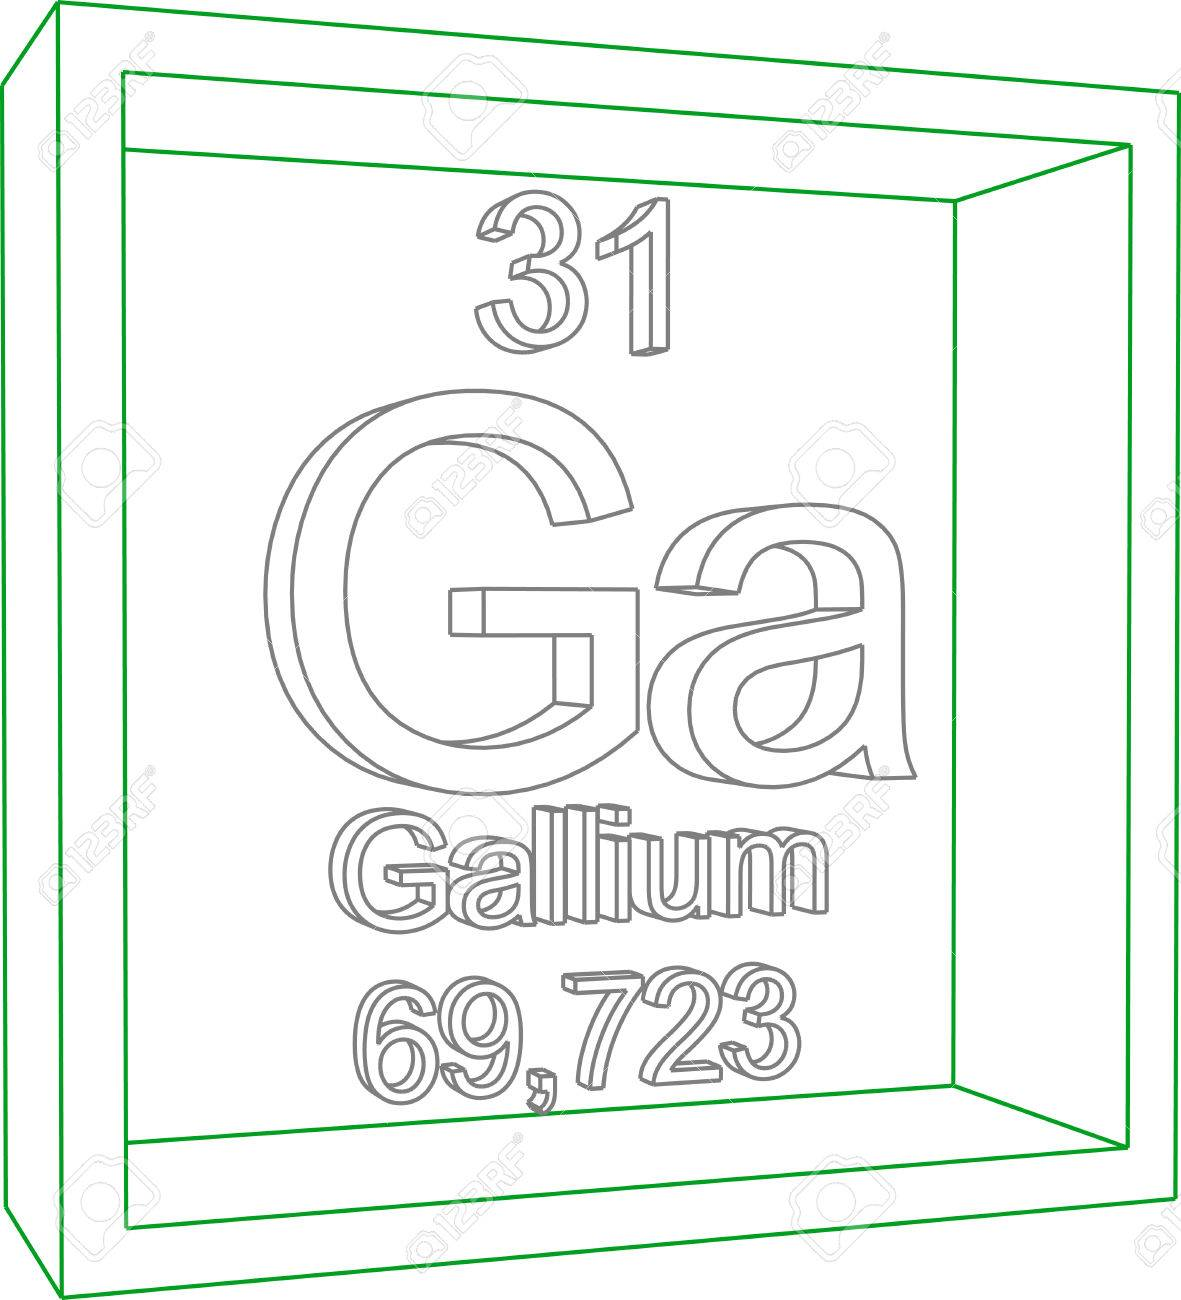 Tabla peridica de los elementos galio ilustraciones vectoriales foto de archivo tabla peridica de los elementos galio urtaz Choice Image